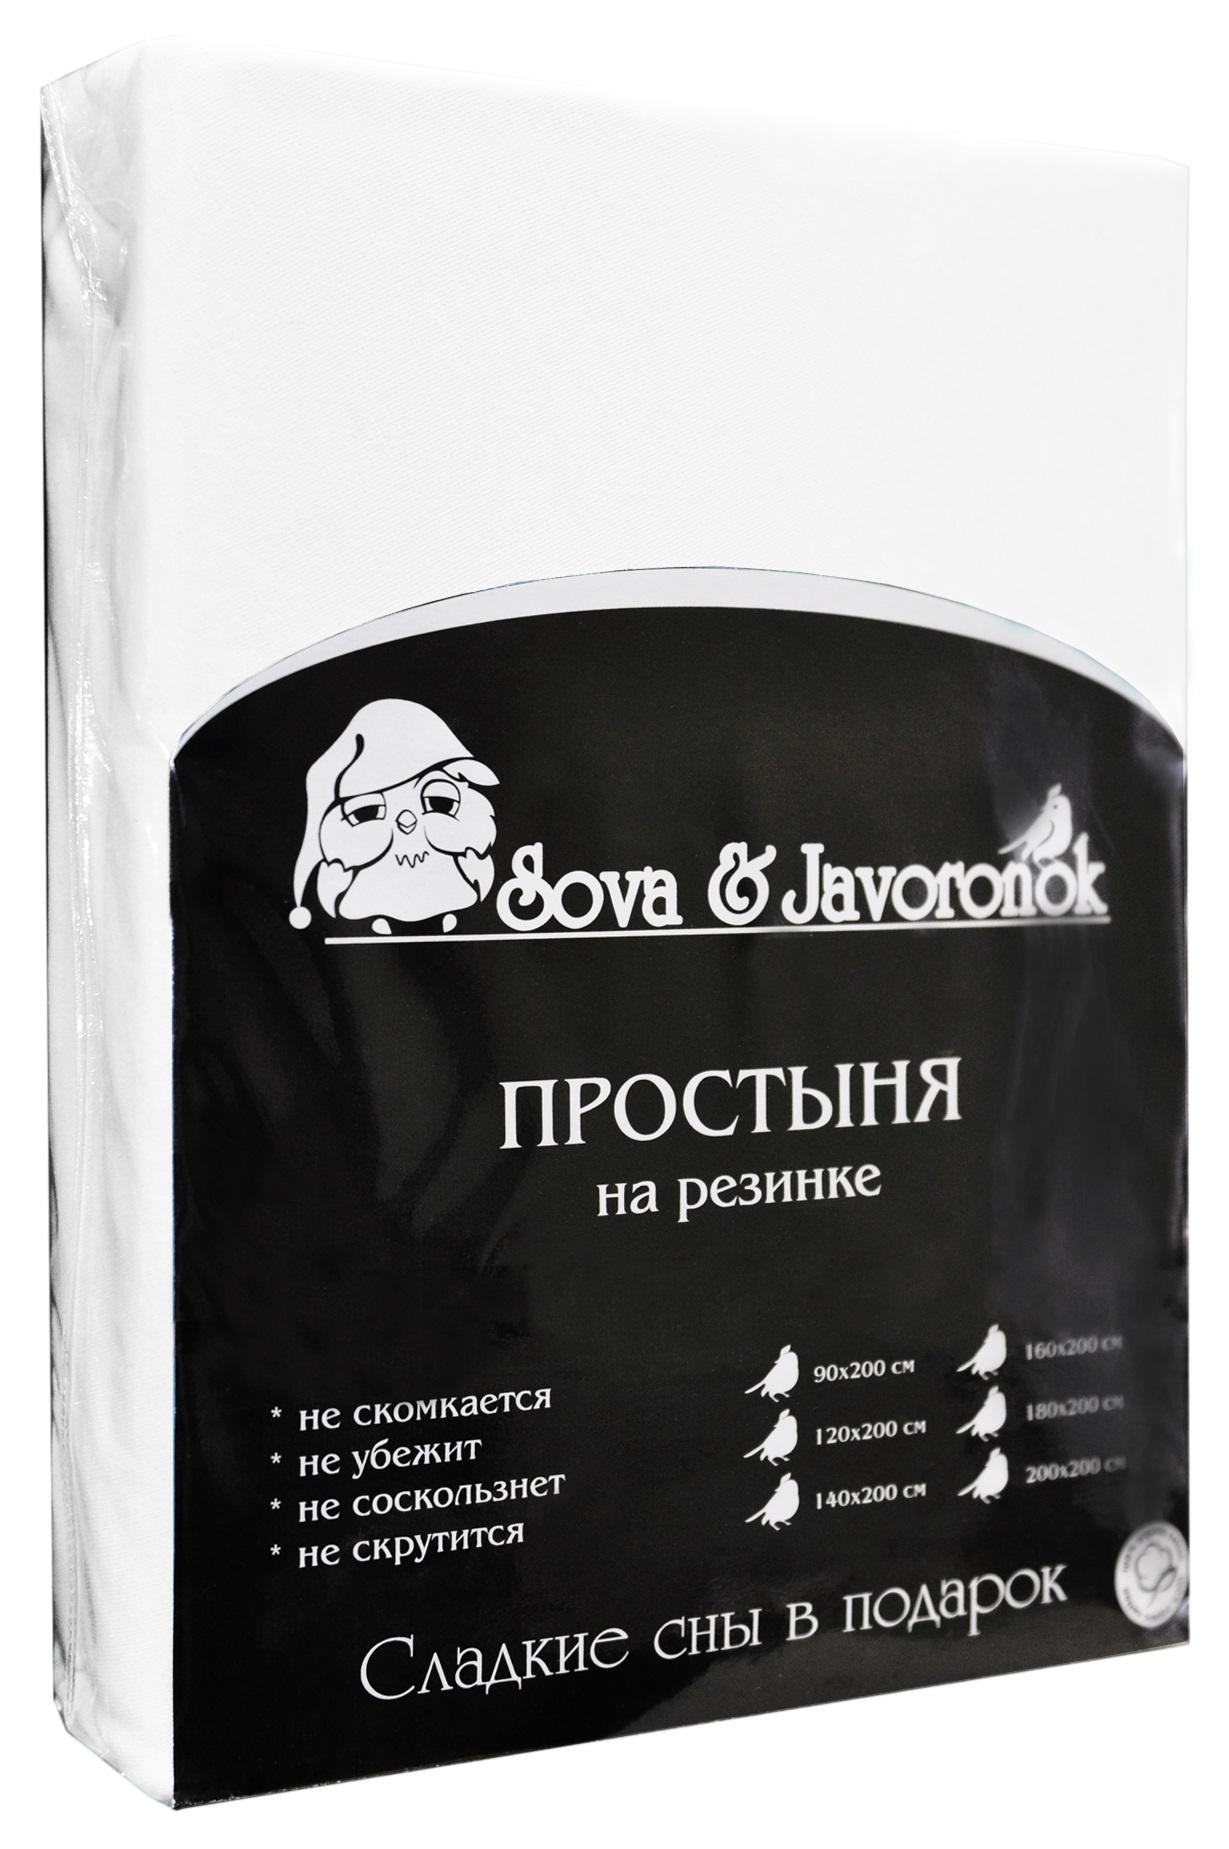 Простыня на резинке Sova & Javoronok, цвет: белый, 200 х 200 см98299571Простыня на резинке Sova & Javoronok, изготовленная из трикотажной ткани (100% хлопок), будет превосходно смотреться с любыми комплектами белья. Хлопчатобумажный трикотаж по праву считается одним из самых качественных, прочных и при этом приятных на ощупь. Его гигиеничность позволяет использовать простыню и в детских комнатах, к тому же 100%-ый хлопок в составе ткани не вызовет аллергии. У трикотажного полотна очень интересная структура, немного рыхлая за счет отсутствия плотного переплетения нитей и наличия особых петель, благодаря этому простыня Сова и Жаворонок отлично пропускает воздух и способствует его постоянной циркуляции. Поэтому ваша постель будет всегда оставаться свежей. Но главное и, пожалуй, самое известное свойство трикотажа - это его великолепная растяжимость, поэтому эта ткань и была выбрана для натяжной простыни на резинке.Простыня прошита резинкой по всему периметру, что обеспечивает более комфортный отдых, так как она прочно удерживается на матрасе и избавляет от необходимости часто поправлять простыню.